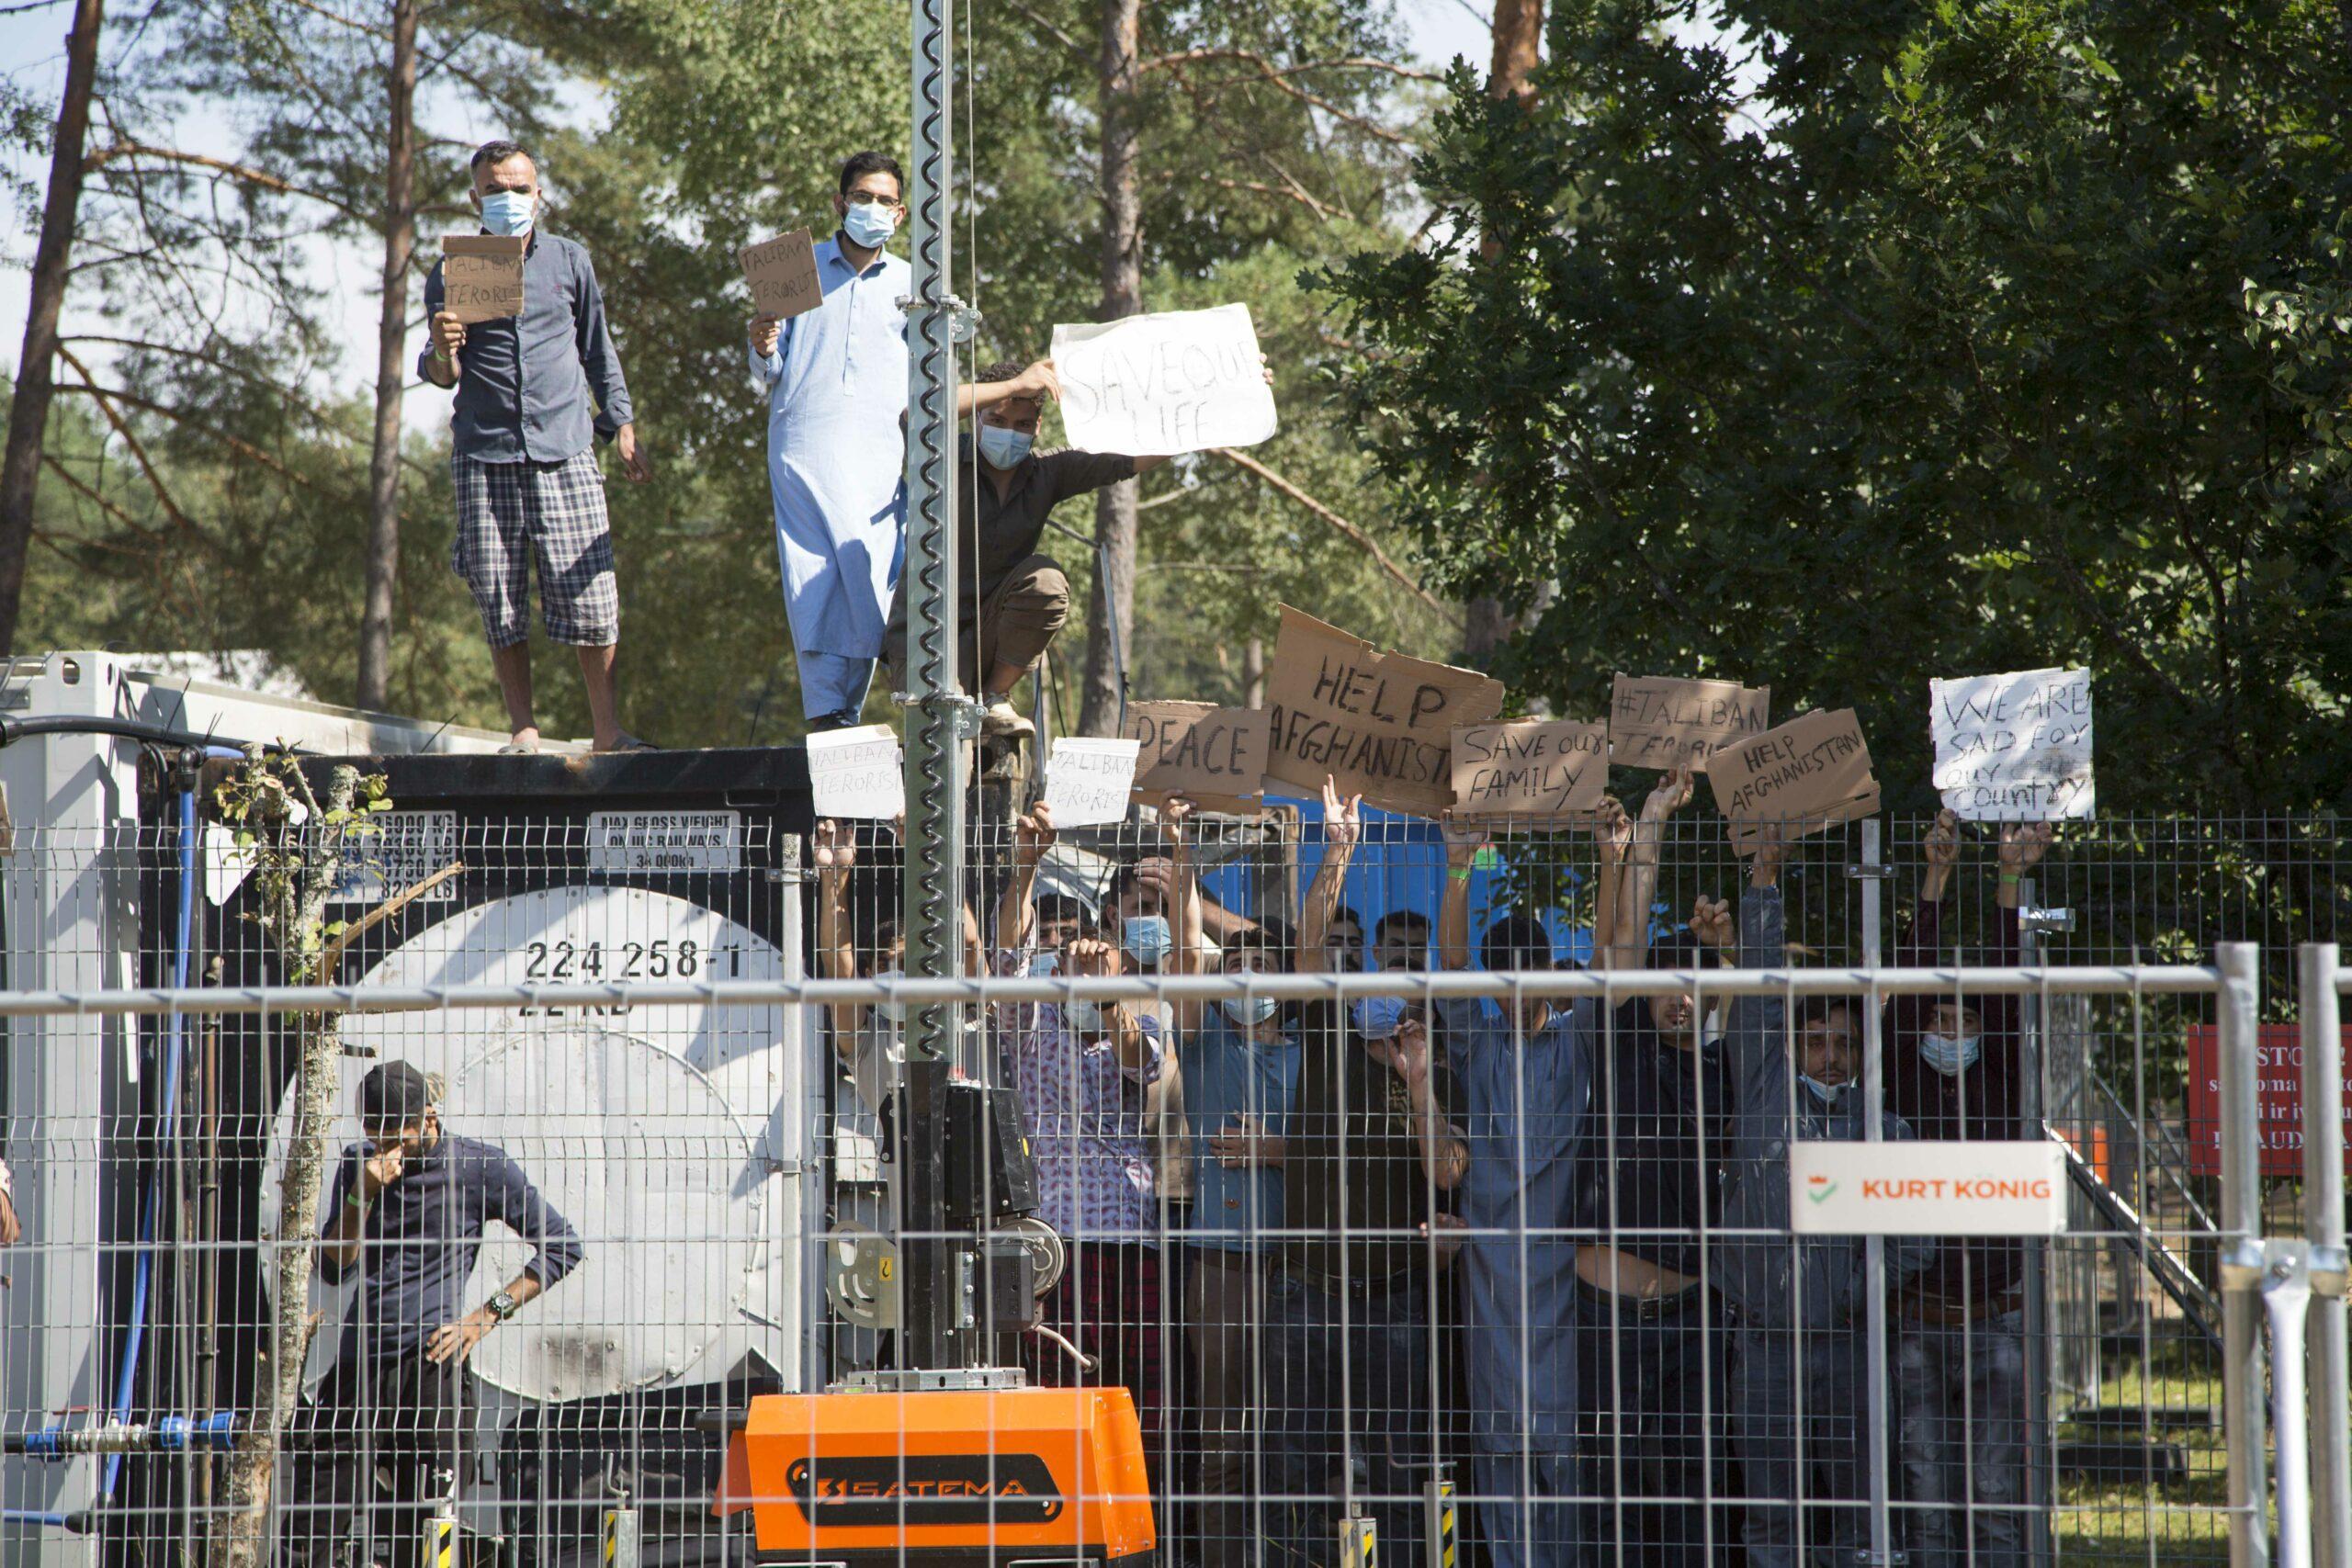 gettyimages 1234738156 scaled - <b>В Україну прямують 5 тисяч біженців з Афганістану.</b> Чи ні? Варто очікувати міграційної кризи? Відповідаємо на головні питання - Заборона